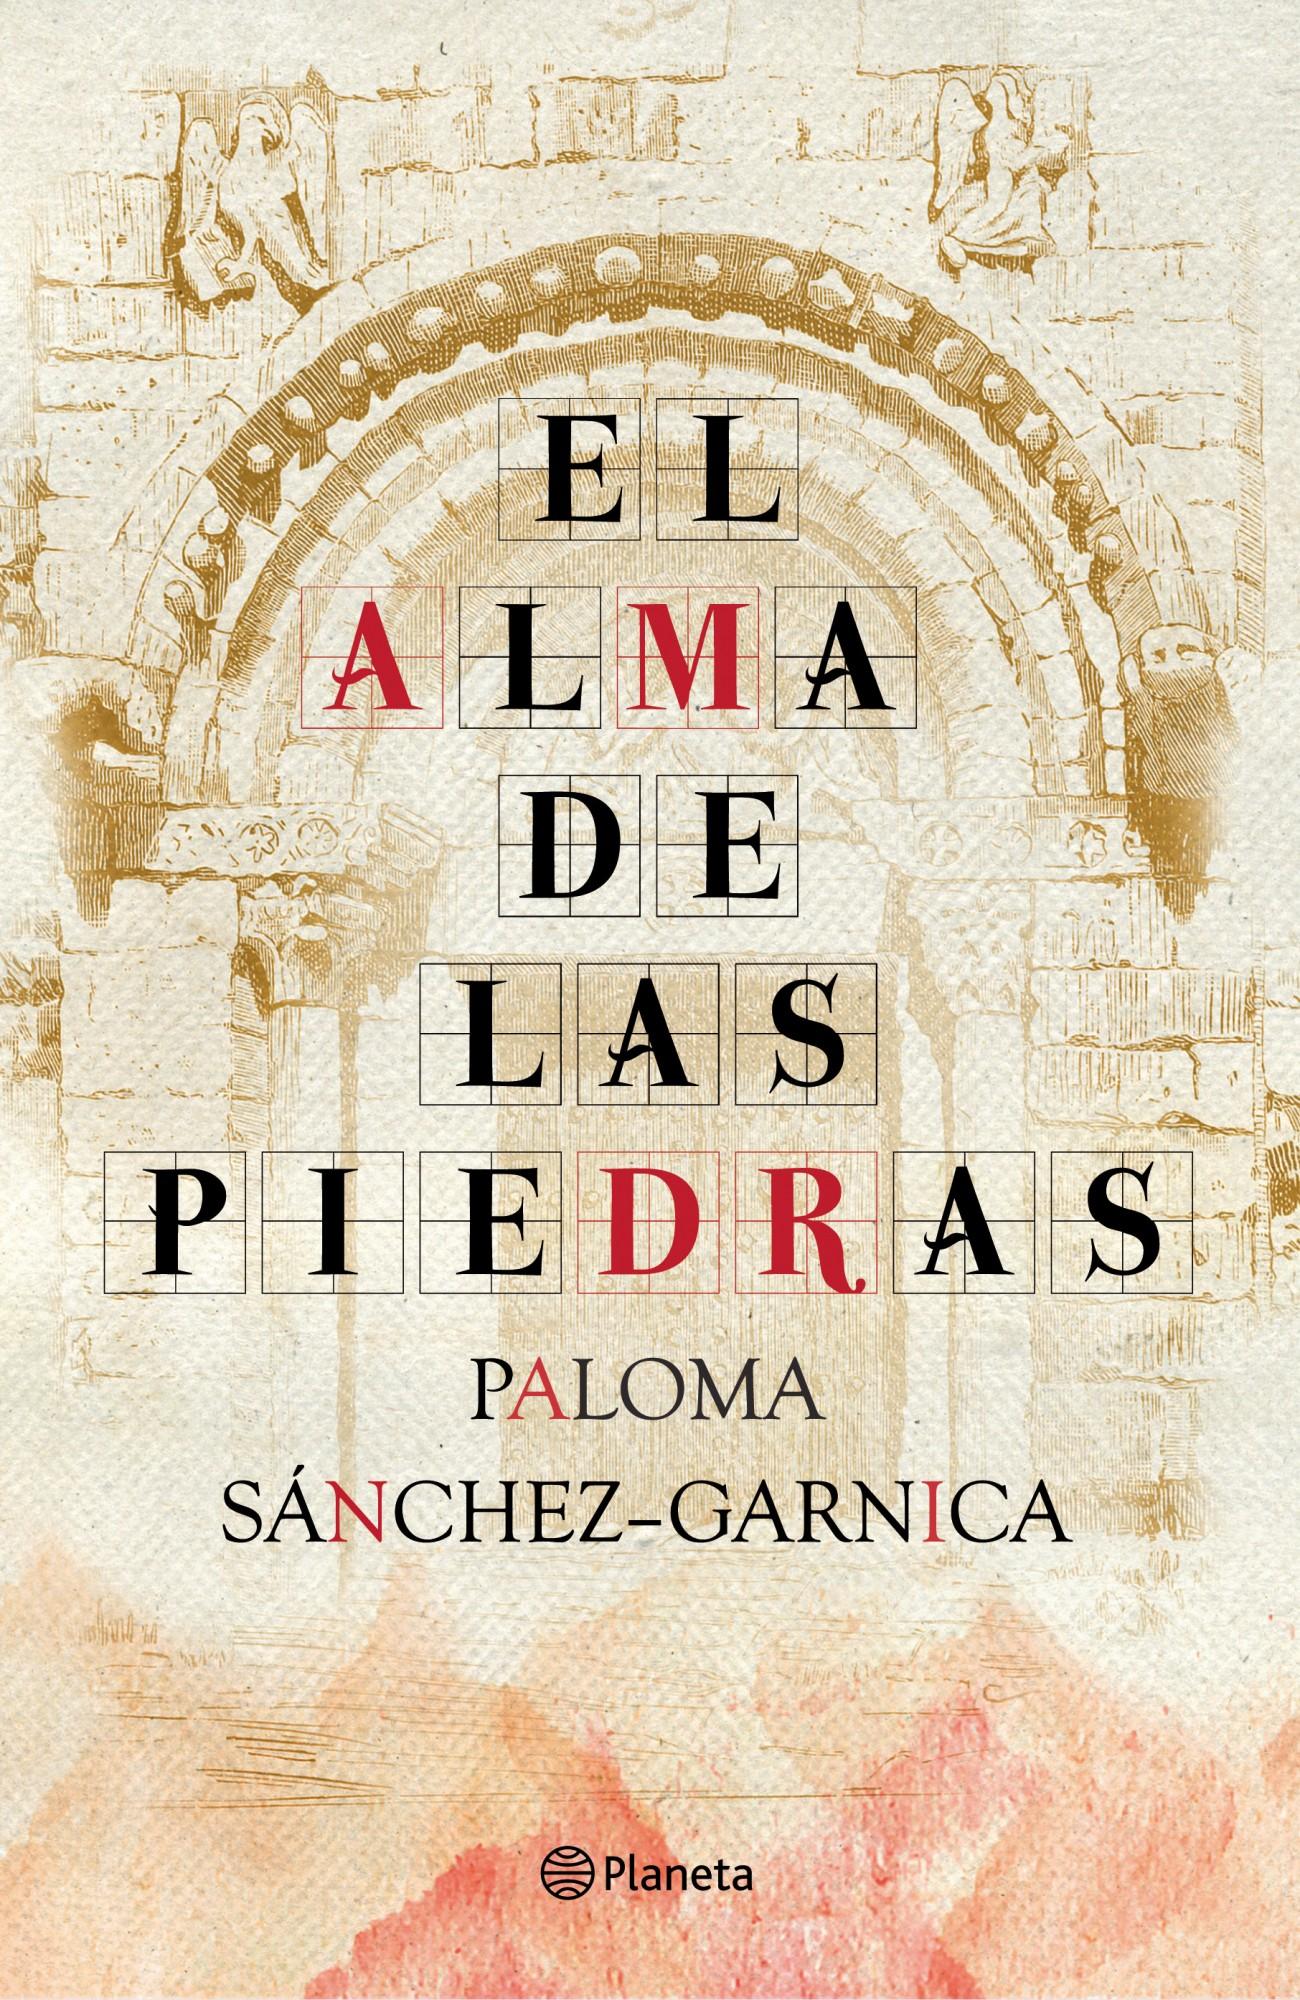 Libro El alma de las piedras de Paloma Sánchez-Garnica